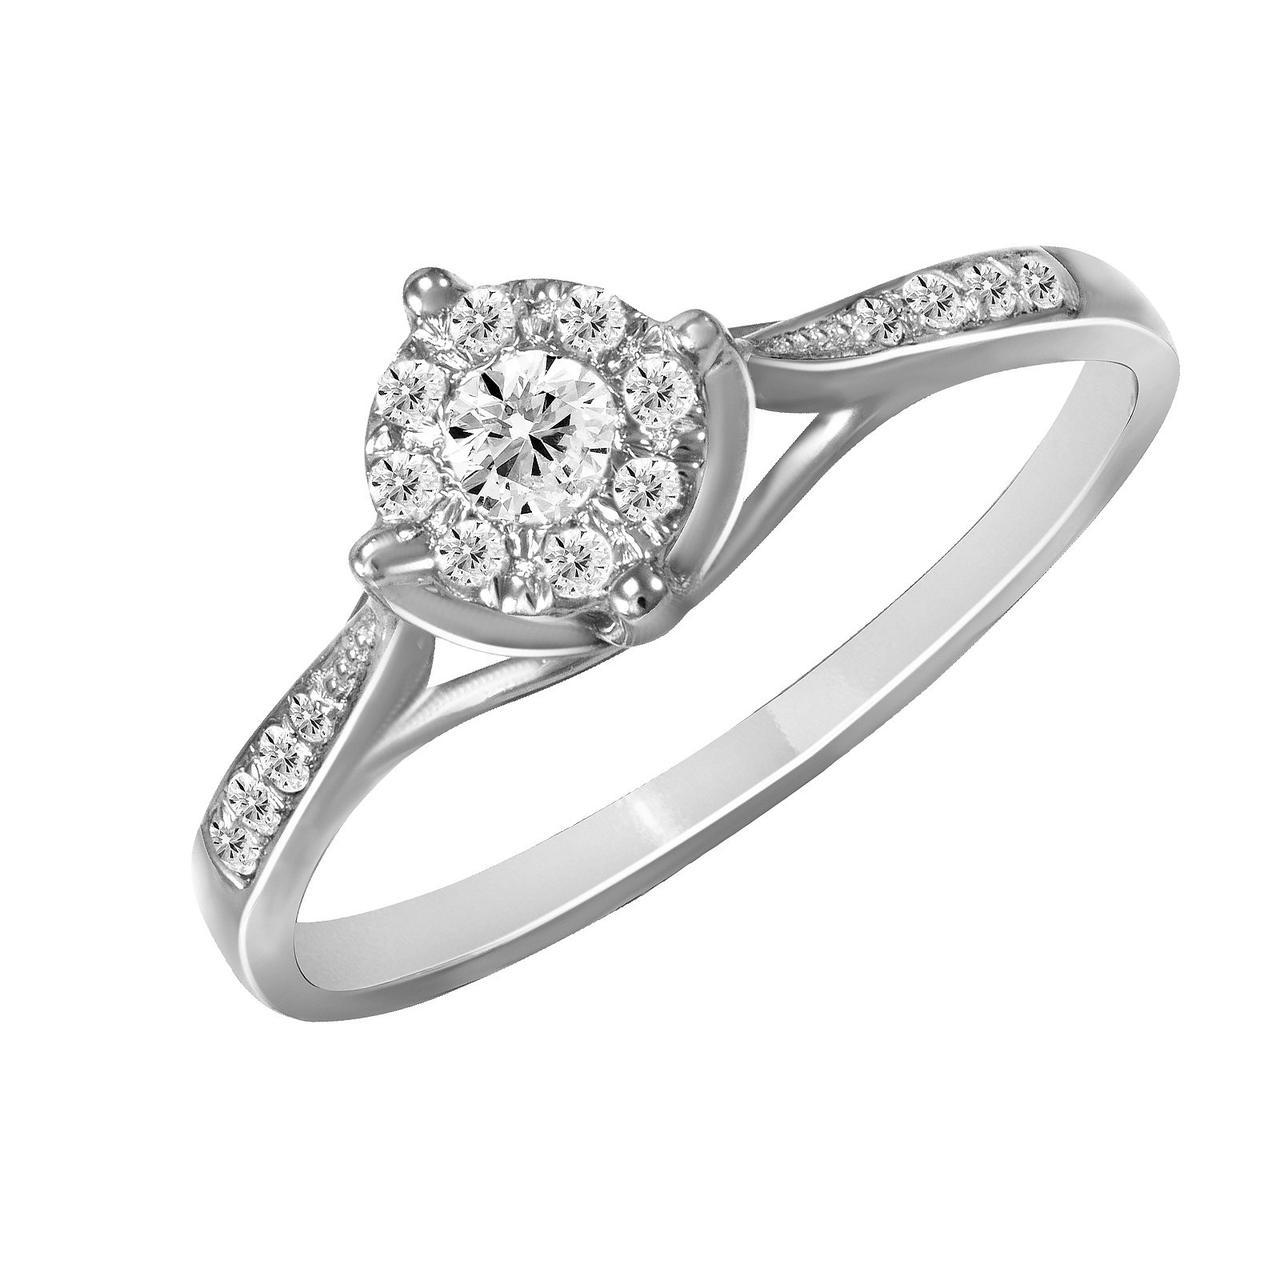 Золотое кольцо с бриллиантами, размер 16.5 (009011)